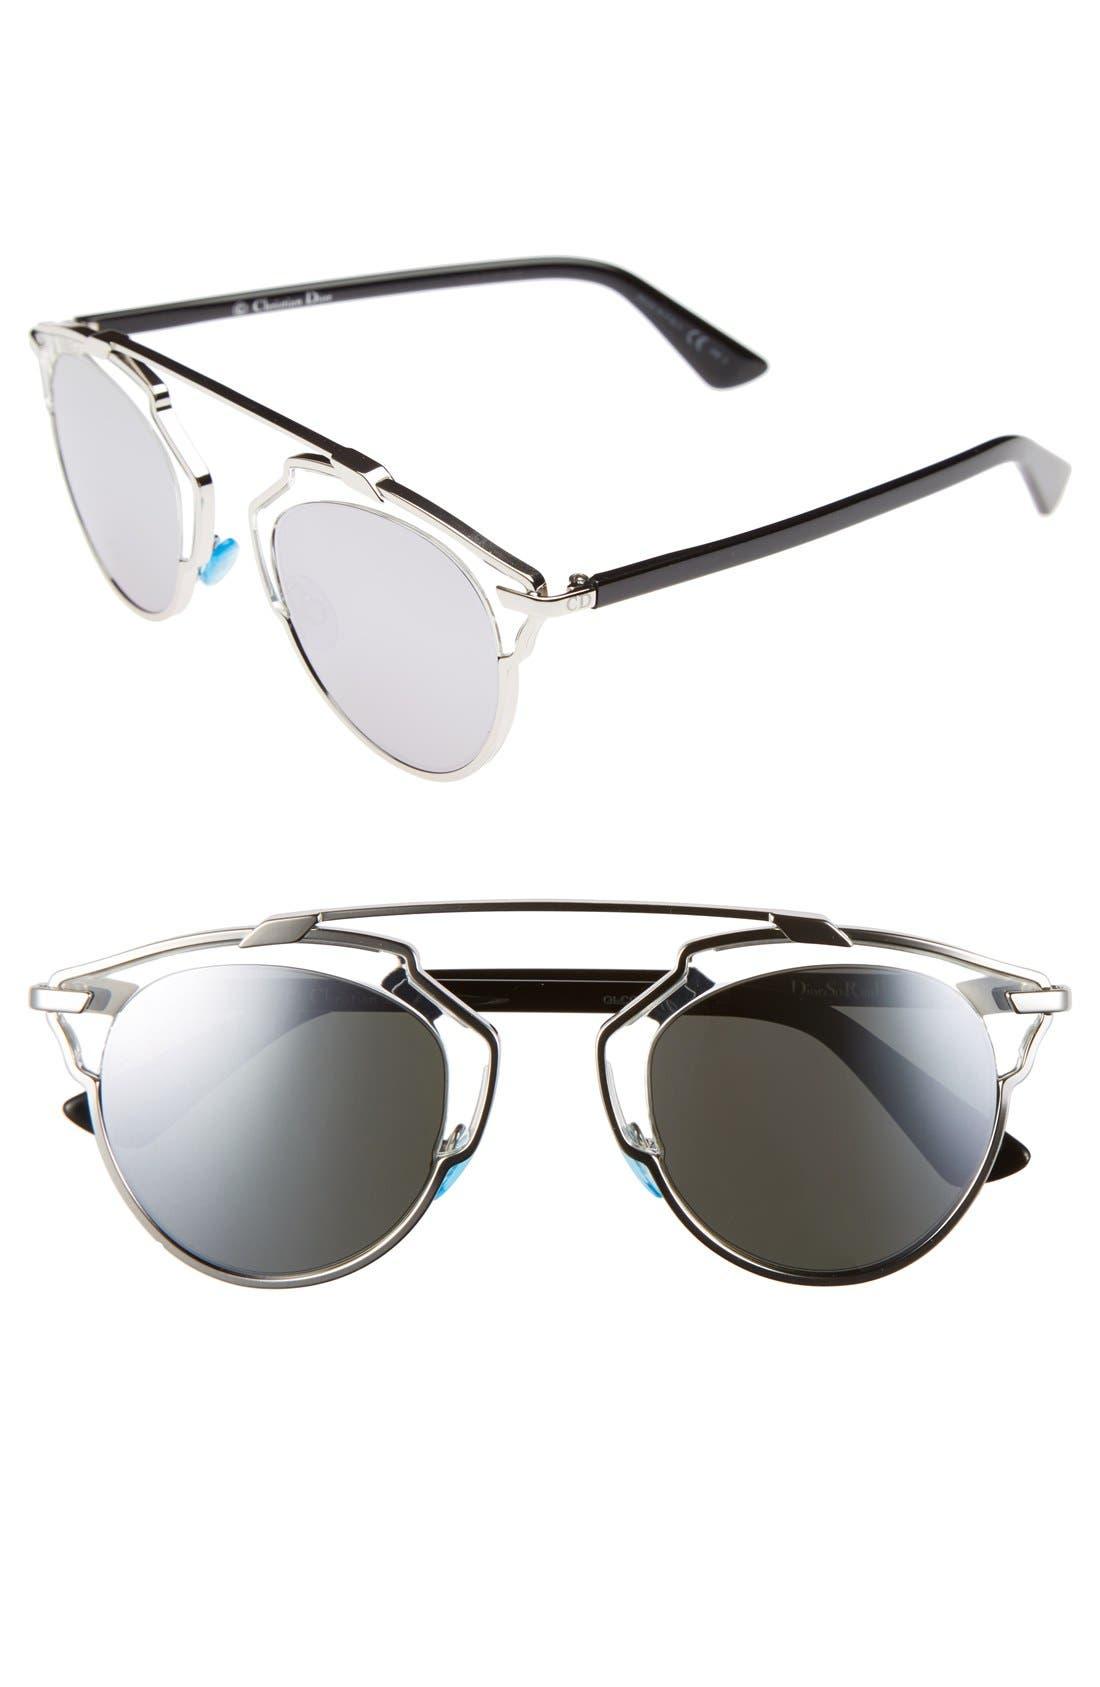 So Real 48mm Brow Bar Sunglasses,                             Main thumbnail 9, color,